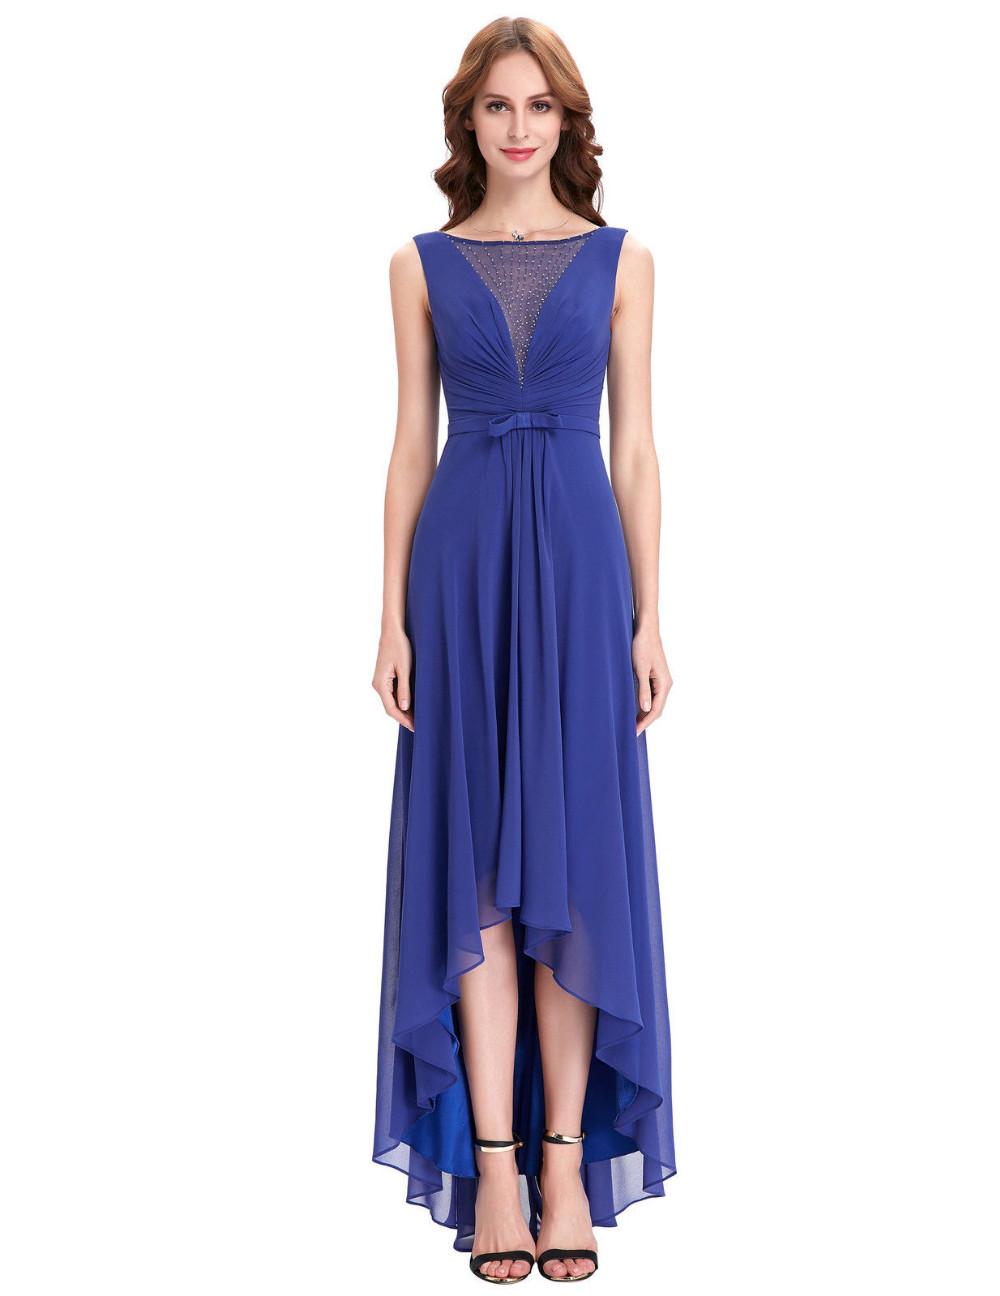 High Low Royal Blue Chiffon Short Front Long Back Bridesmaid Dress 1